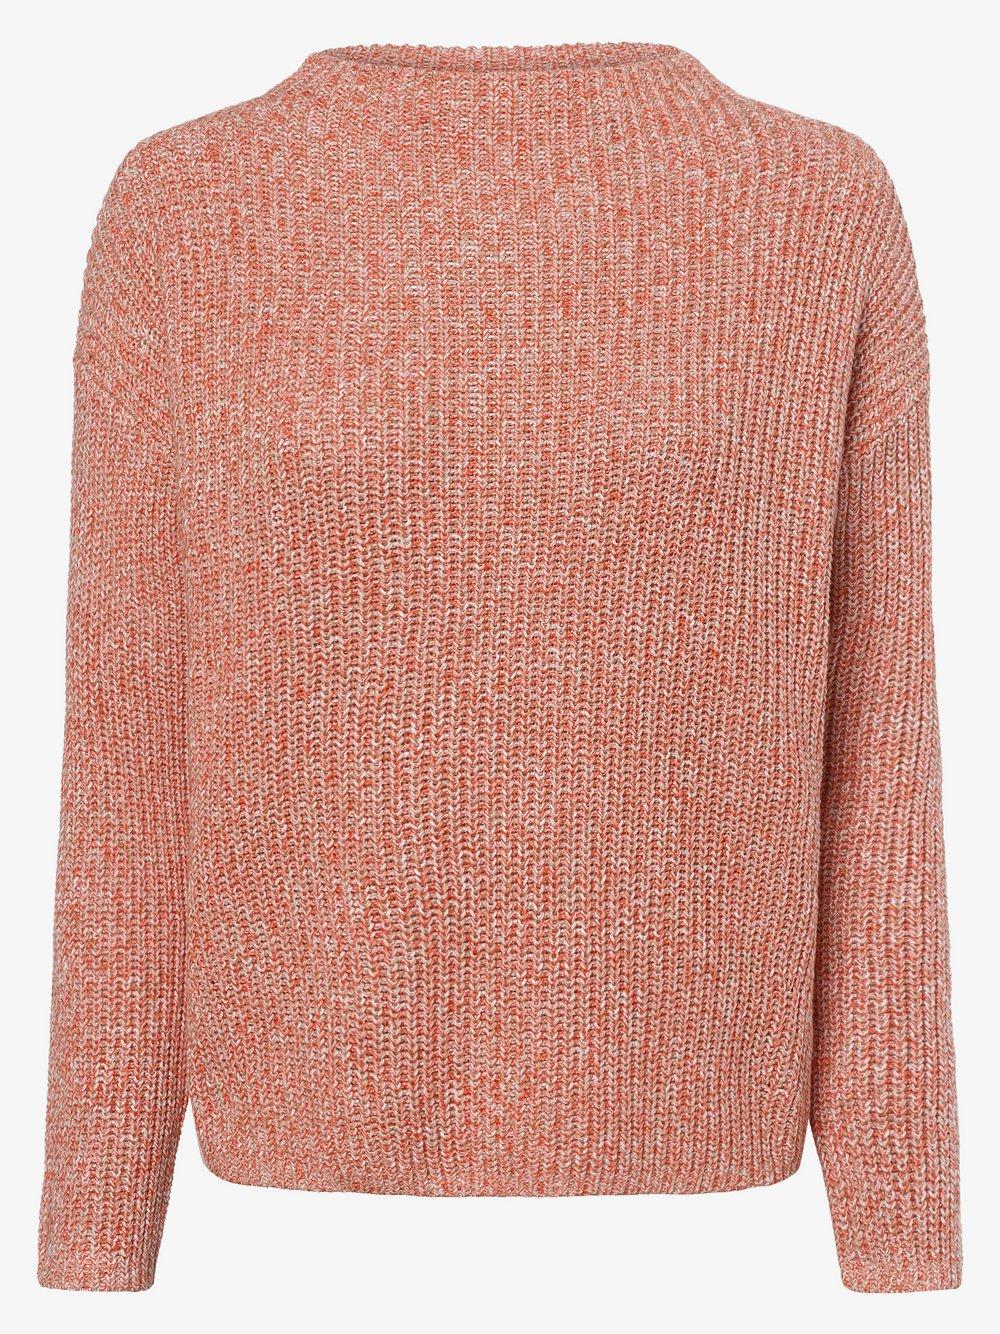 Opus - Sweter damski – Parto Mouline, pomarańczowy